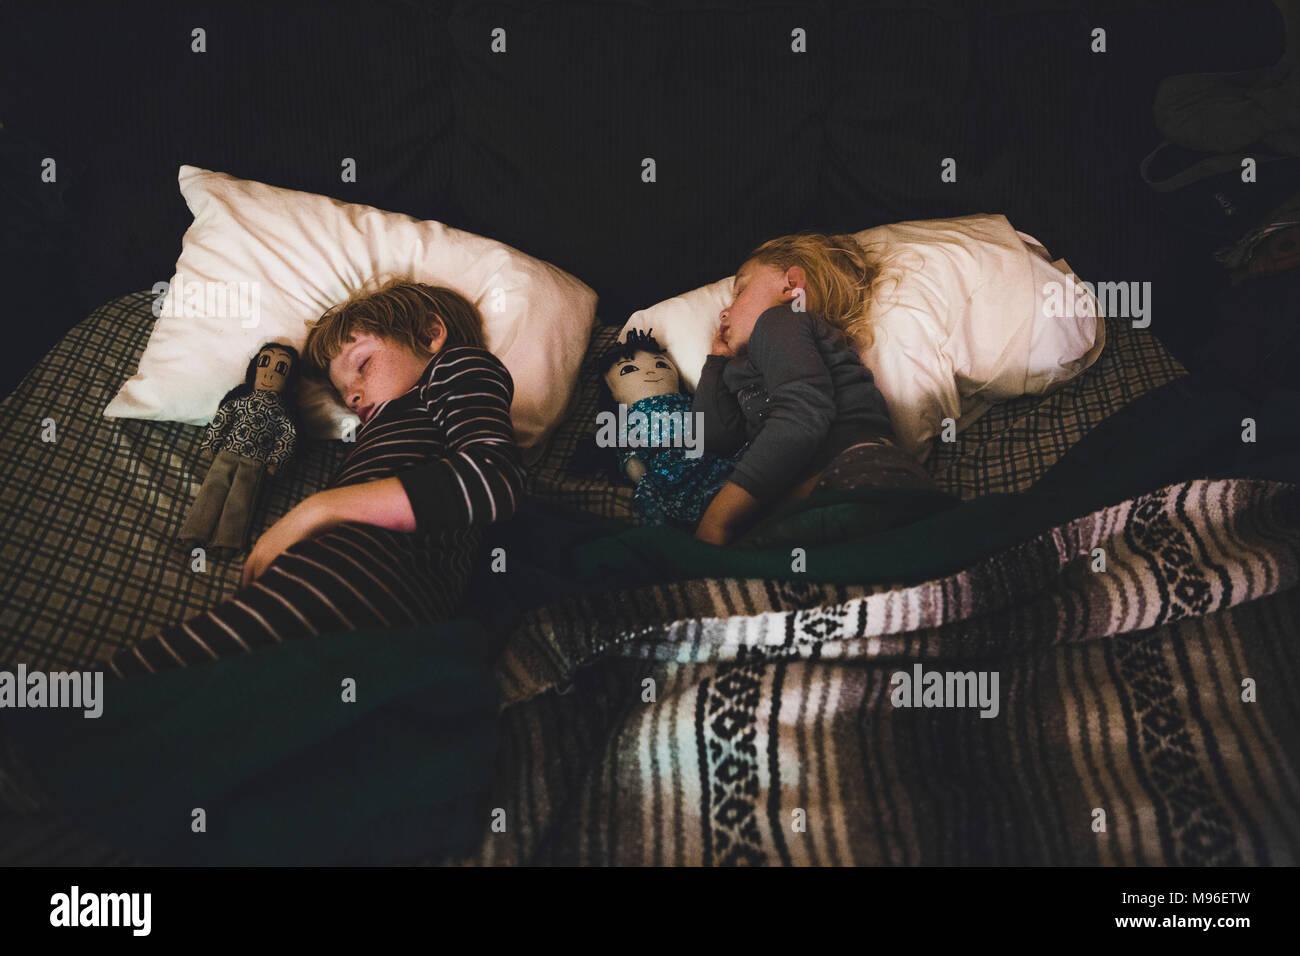 Zwei Kinder mit Puppen im Bett Stockbild